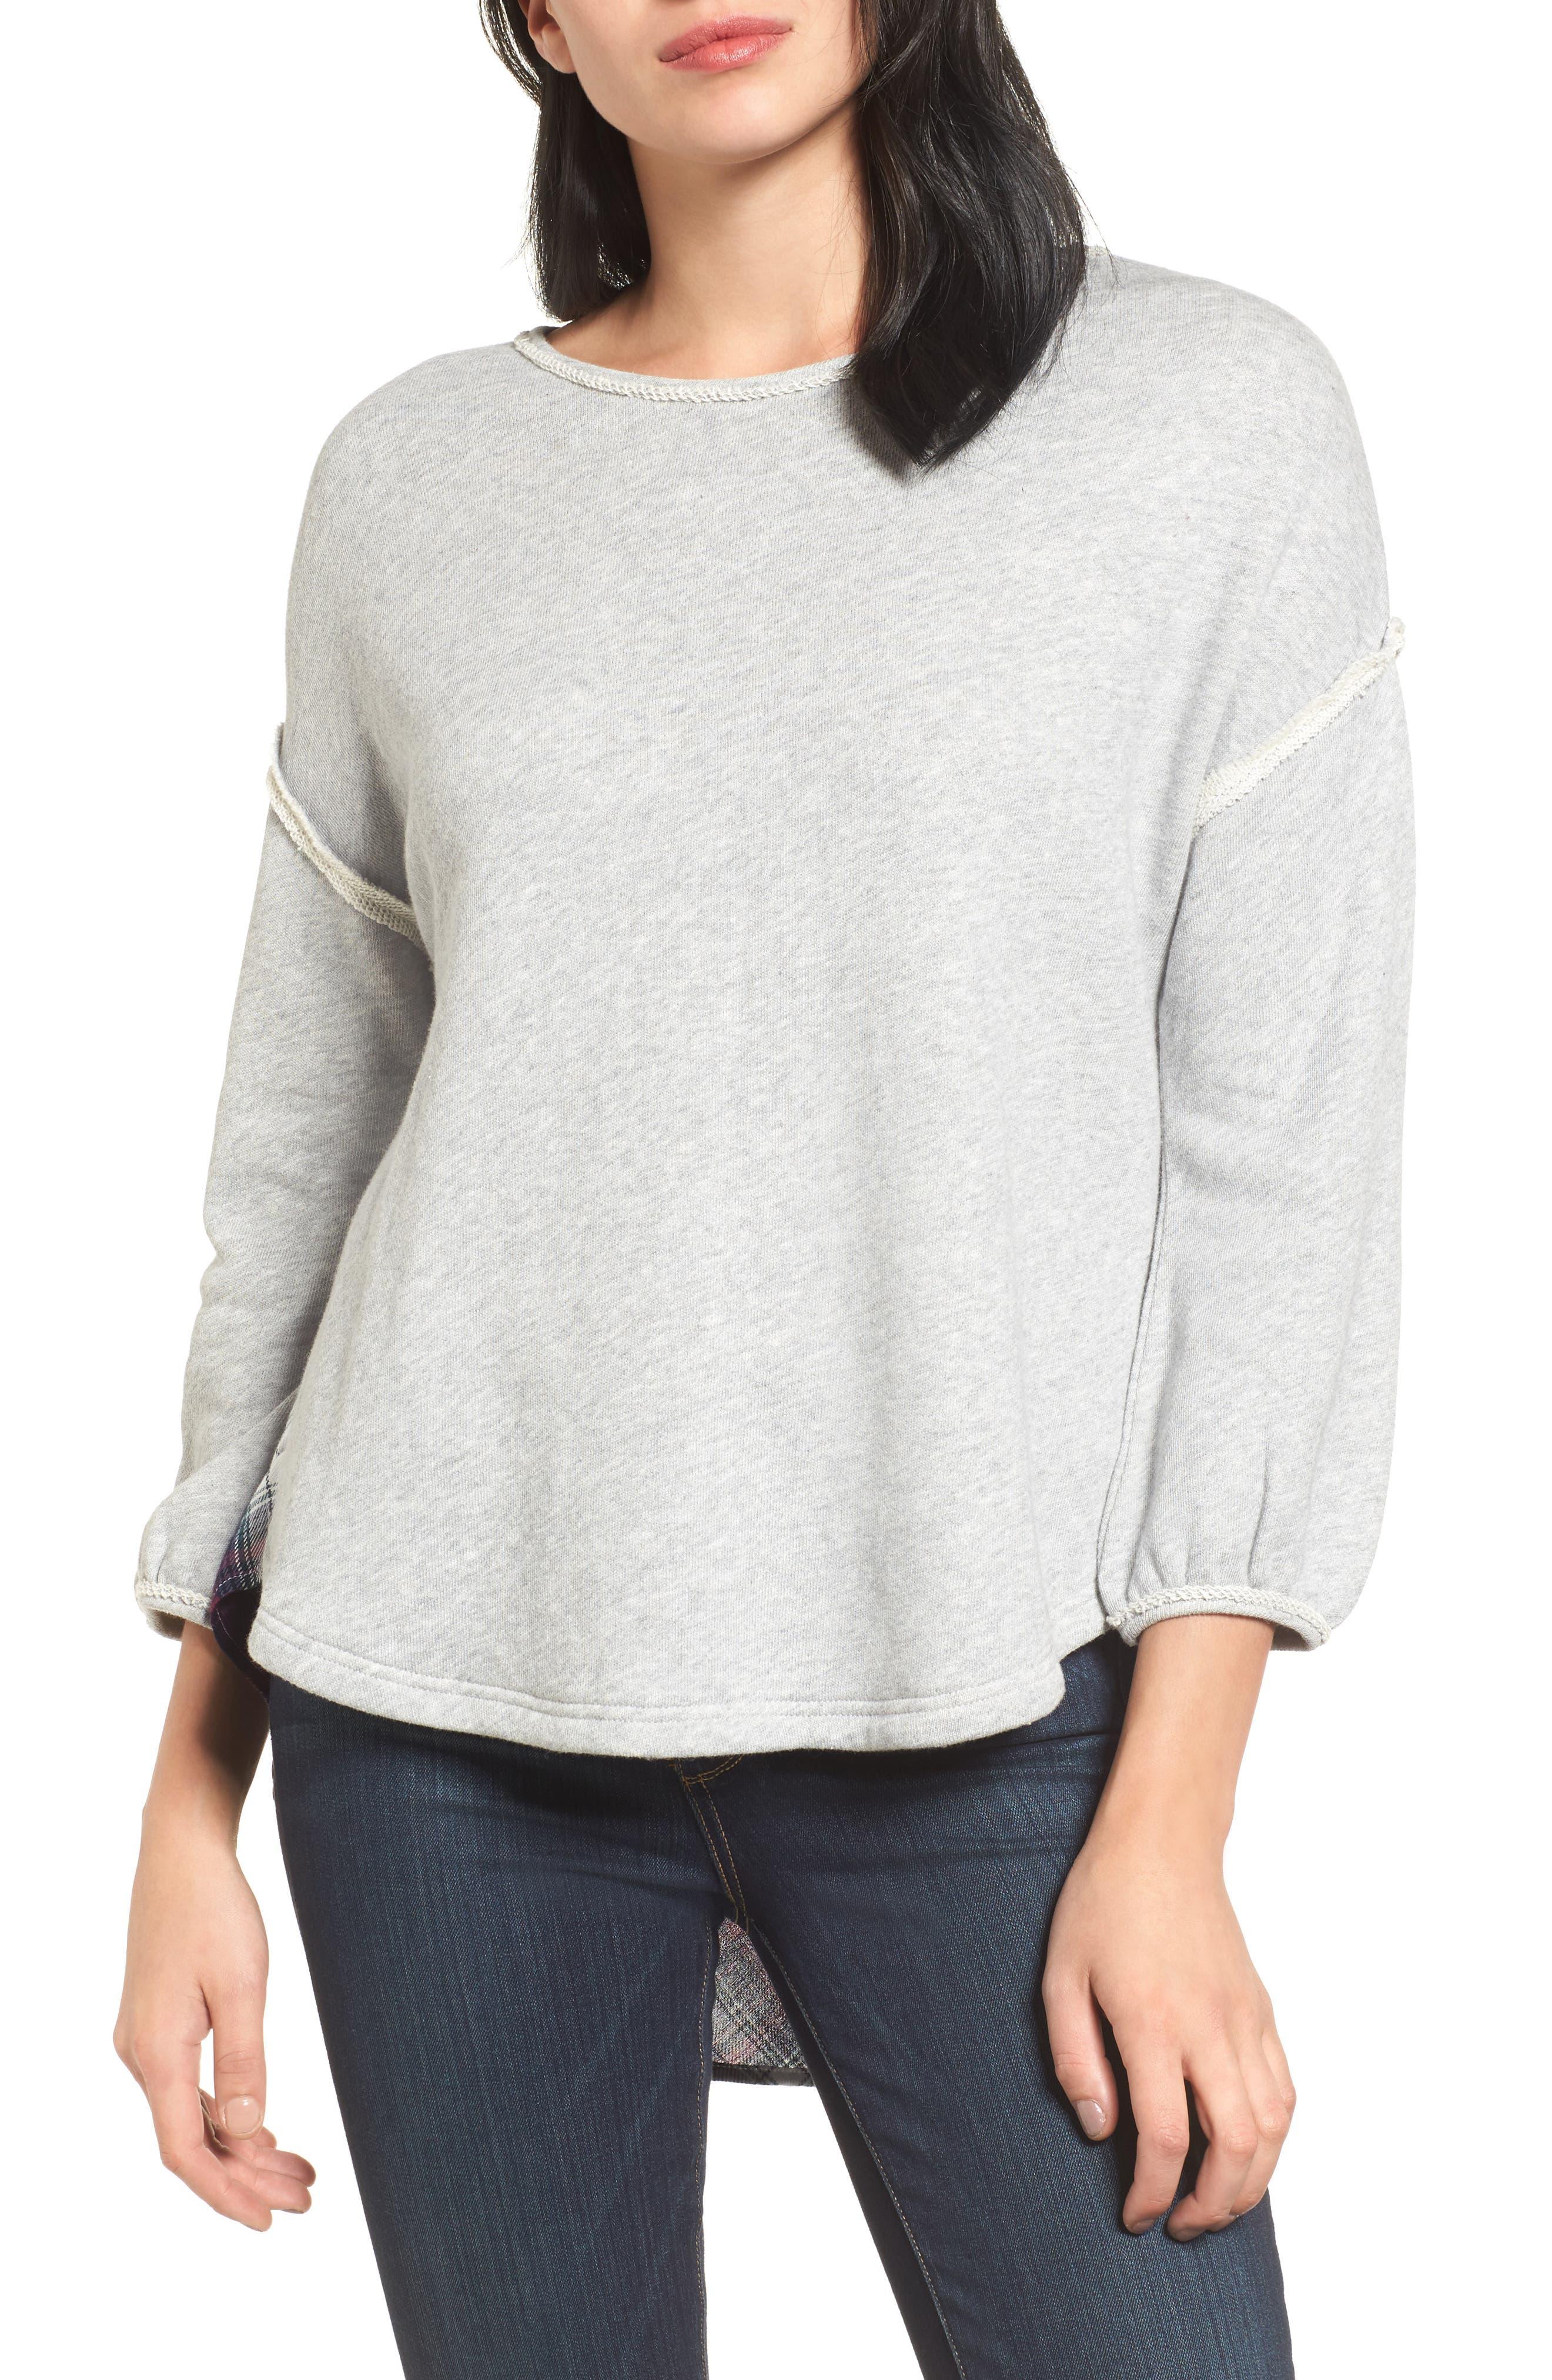 Layered Look Sweatshirt,                             Main thumbnail 1, color,                             021